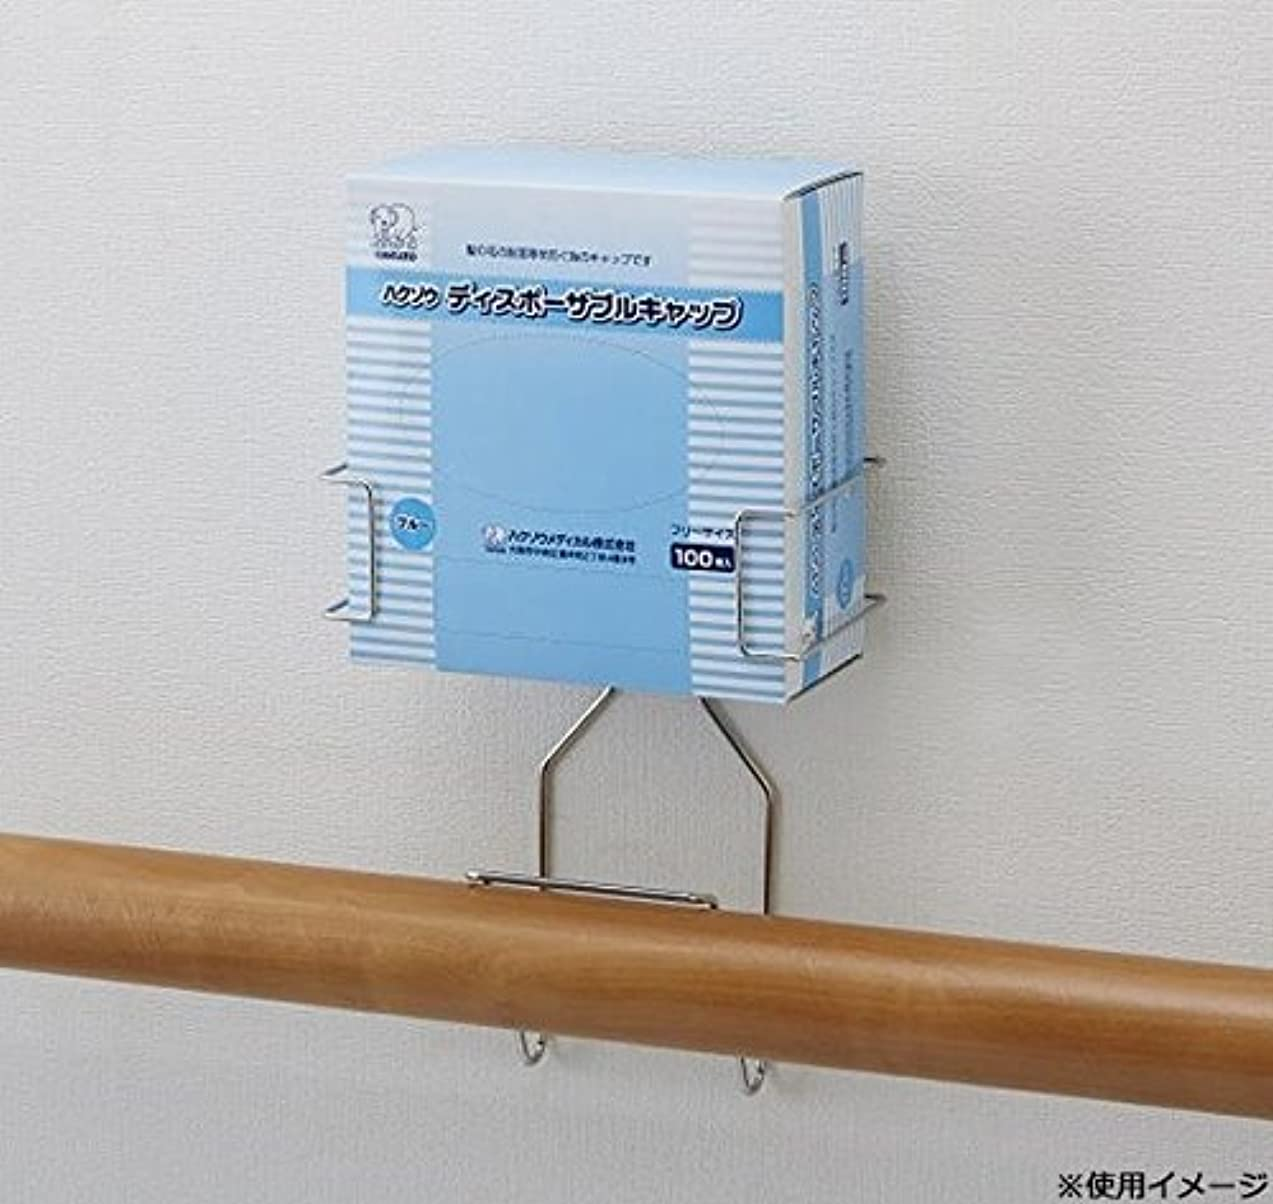 取り出す担当者食堂ハクゾウメディカル PPE製品用ホルダーSE(手すり用タイプ) エプロン?グローブタイプ 3904992